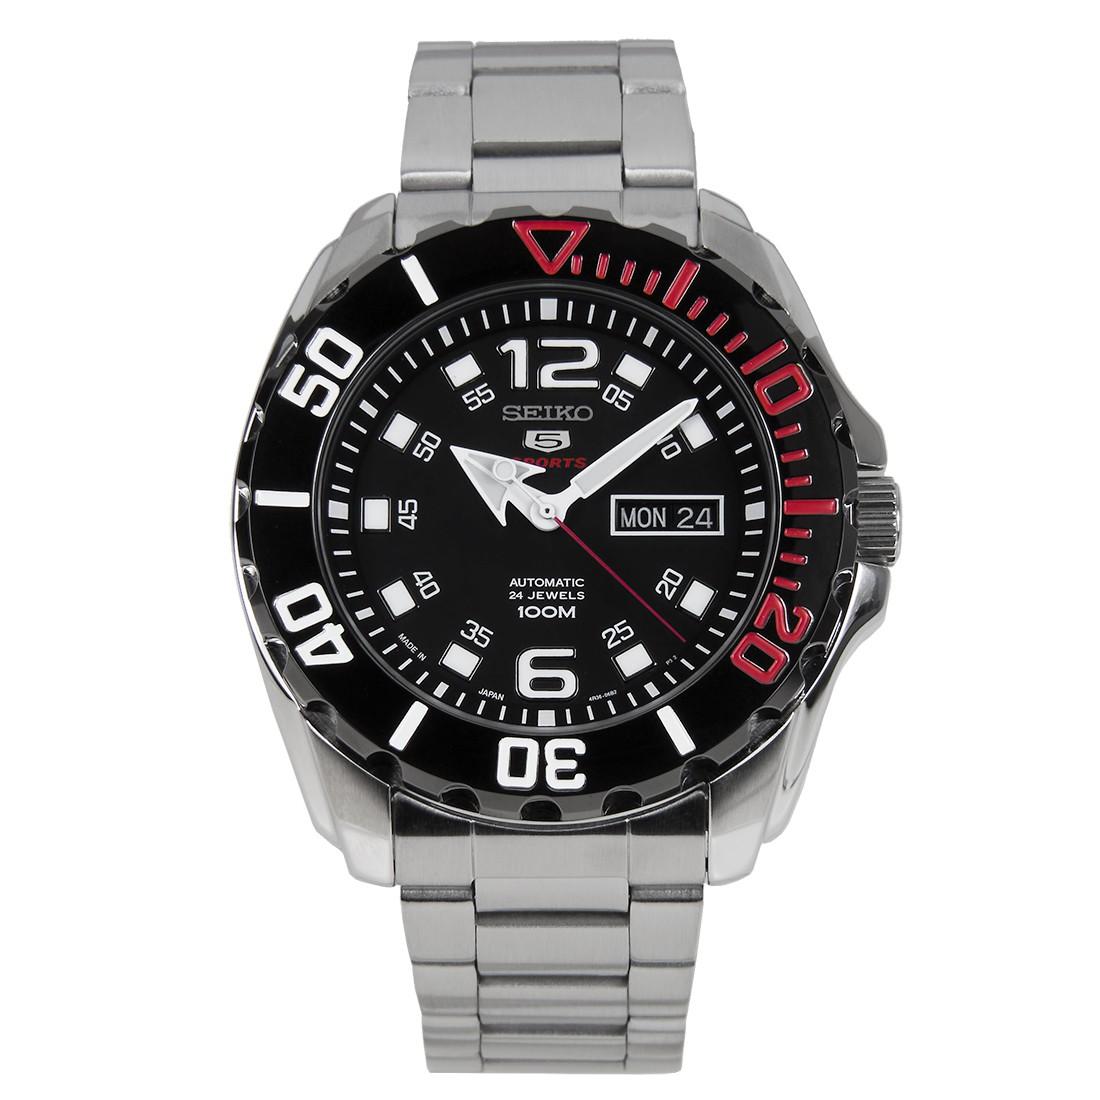 นาฬิกาผู้ชาย Seiko รุ่น SRPB35J1, Seiko 5 Sports Automatic Japan